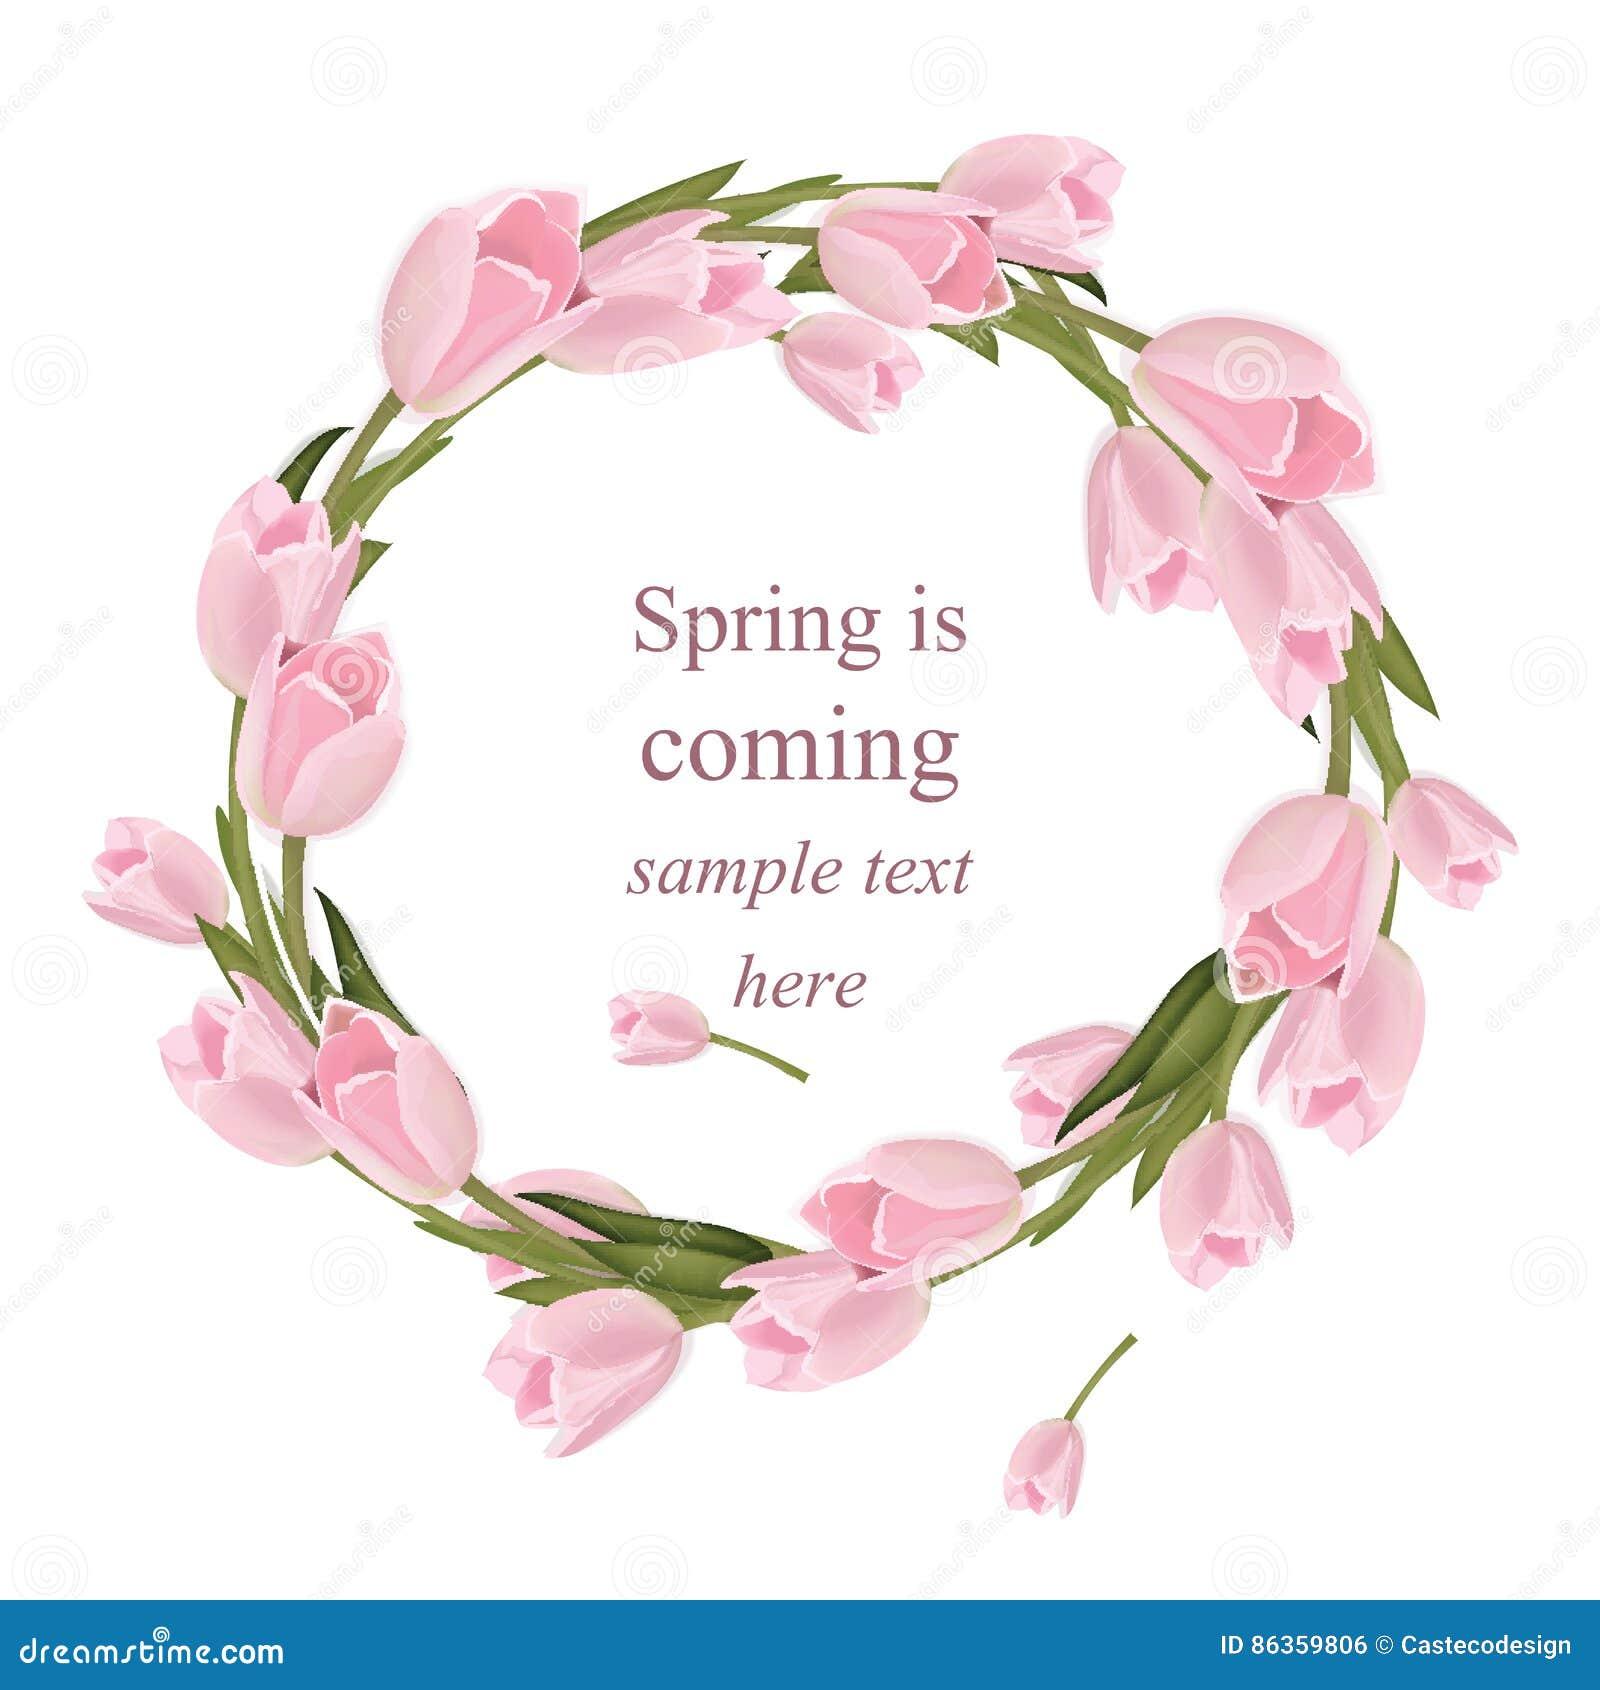 Тюльпан цветет поздравительная открытка венка Весна приходя иллюстрация вектора оформления акварели реалистическая